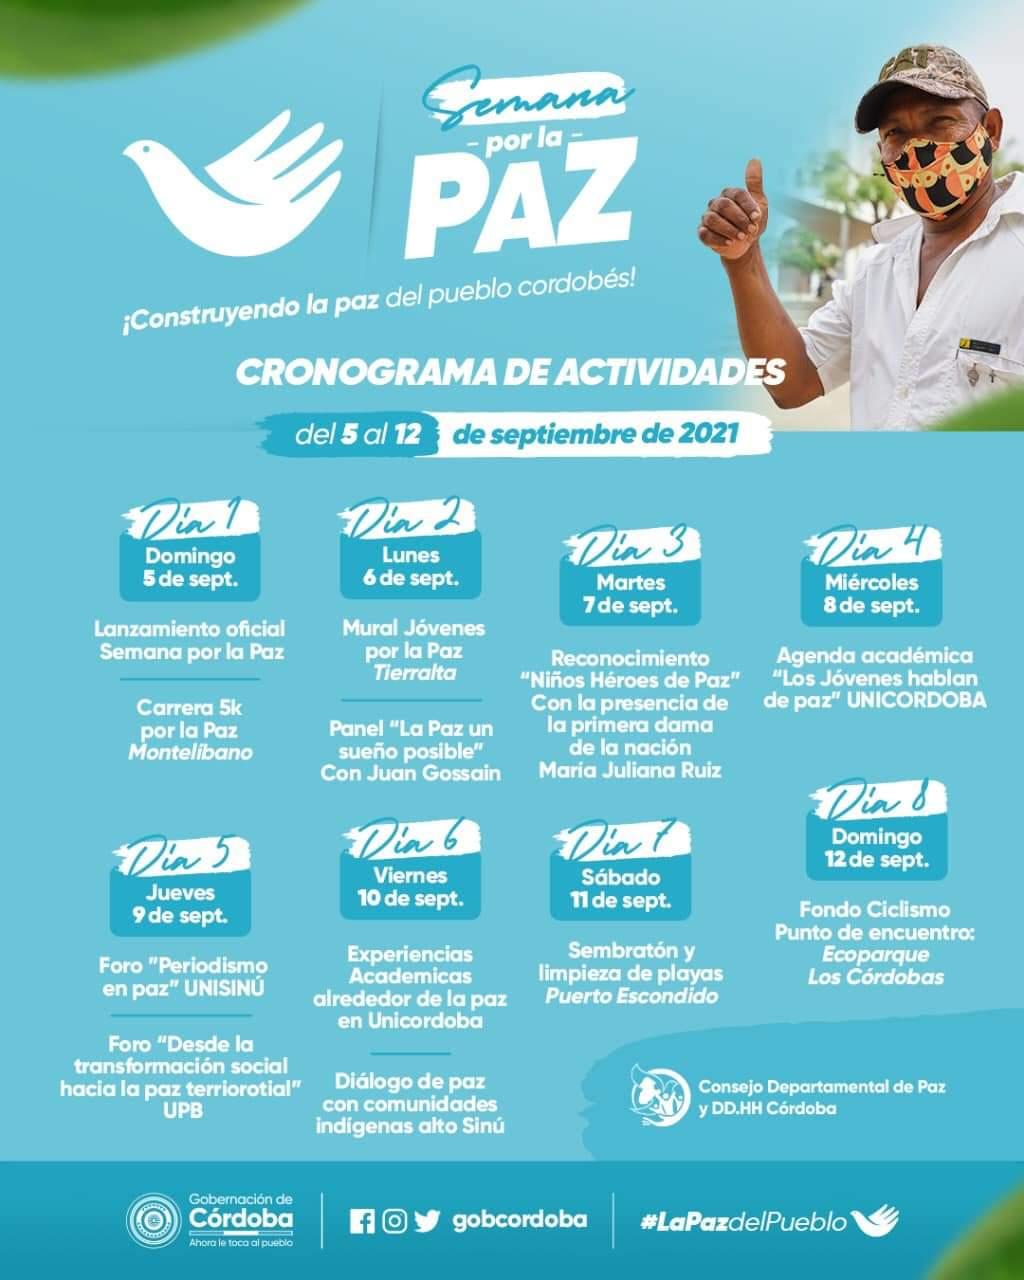 Esta será la agenda de la Semana de la Paz en Córdoba - Noticias de Colombia